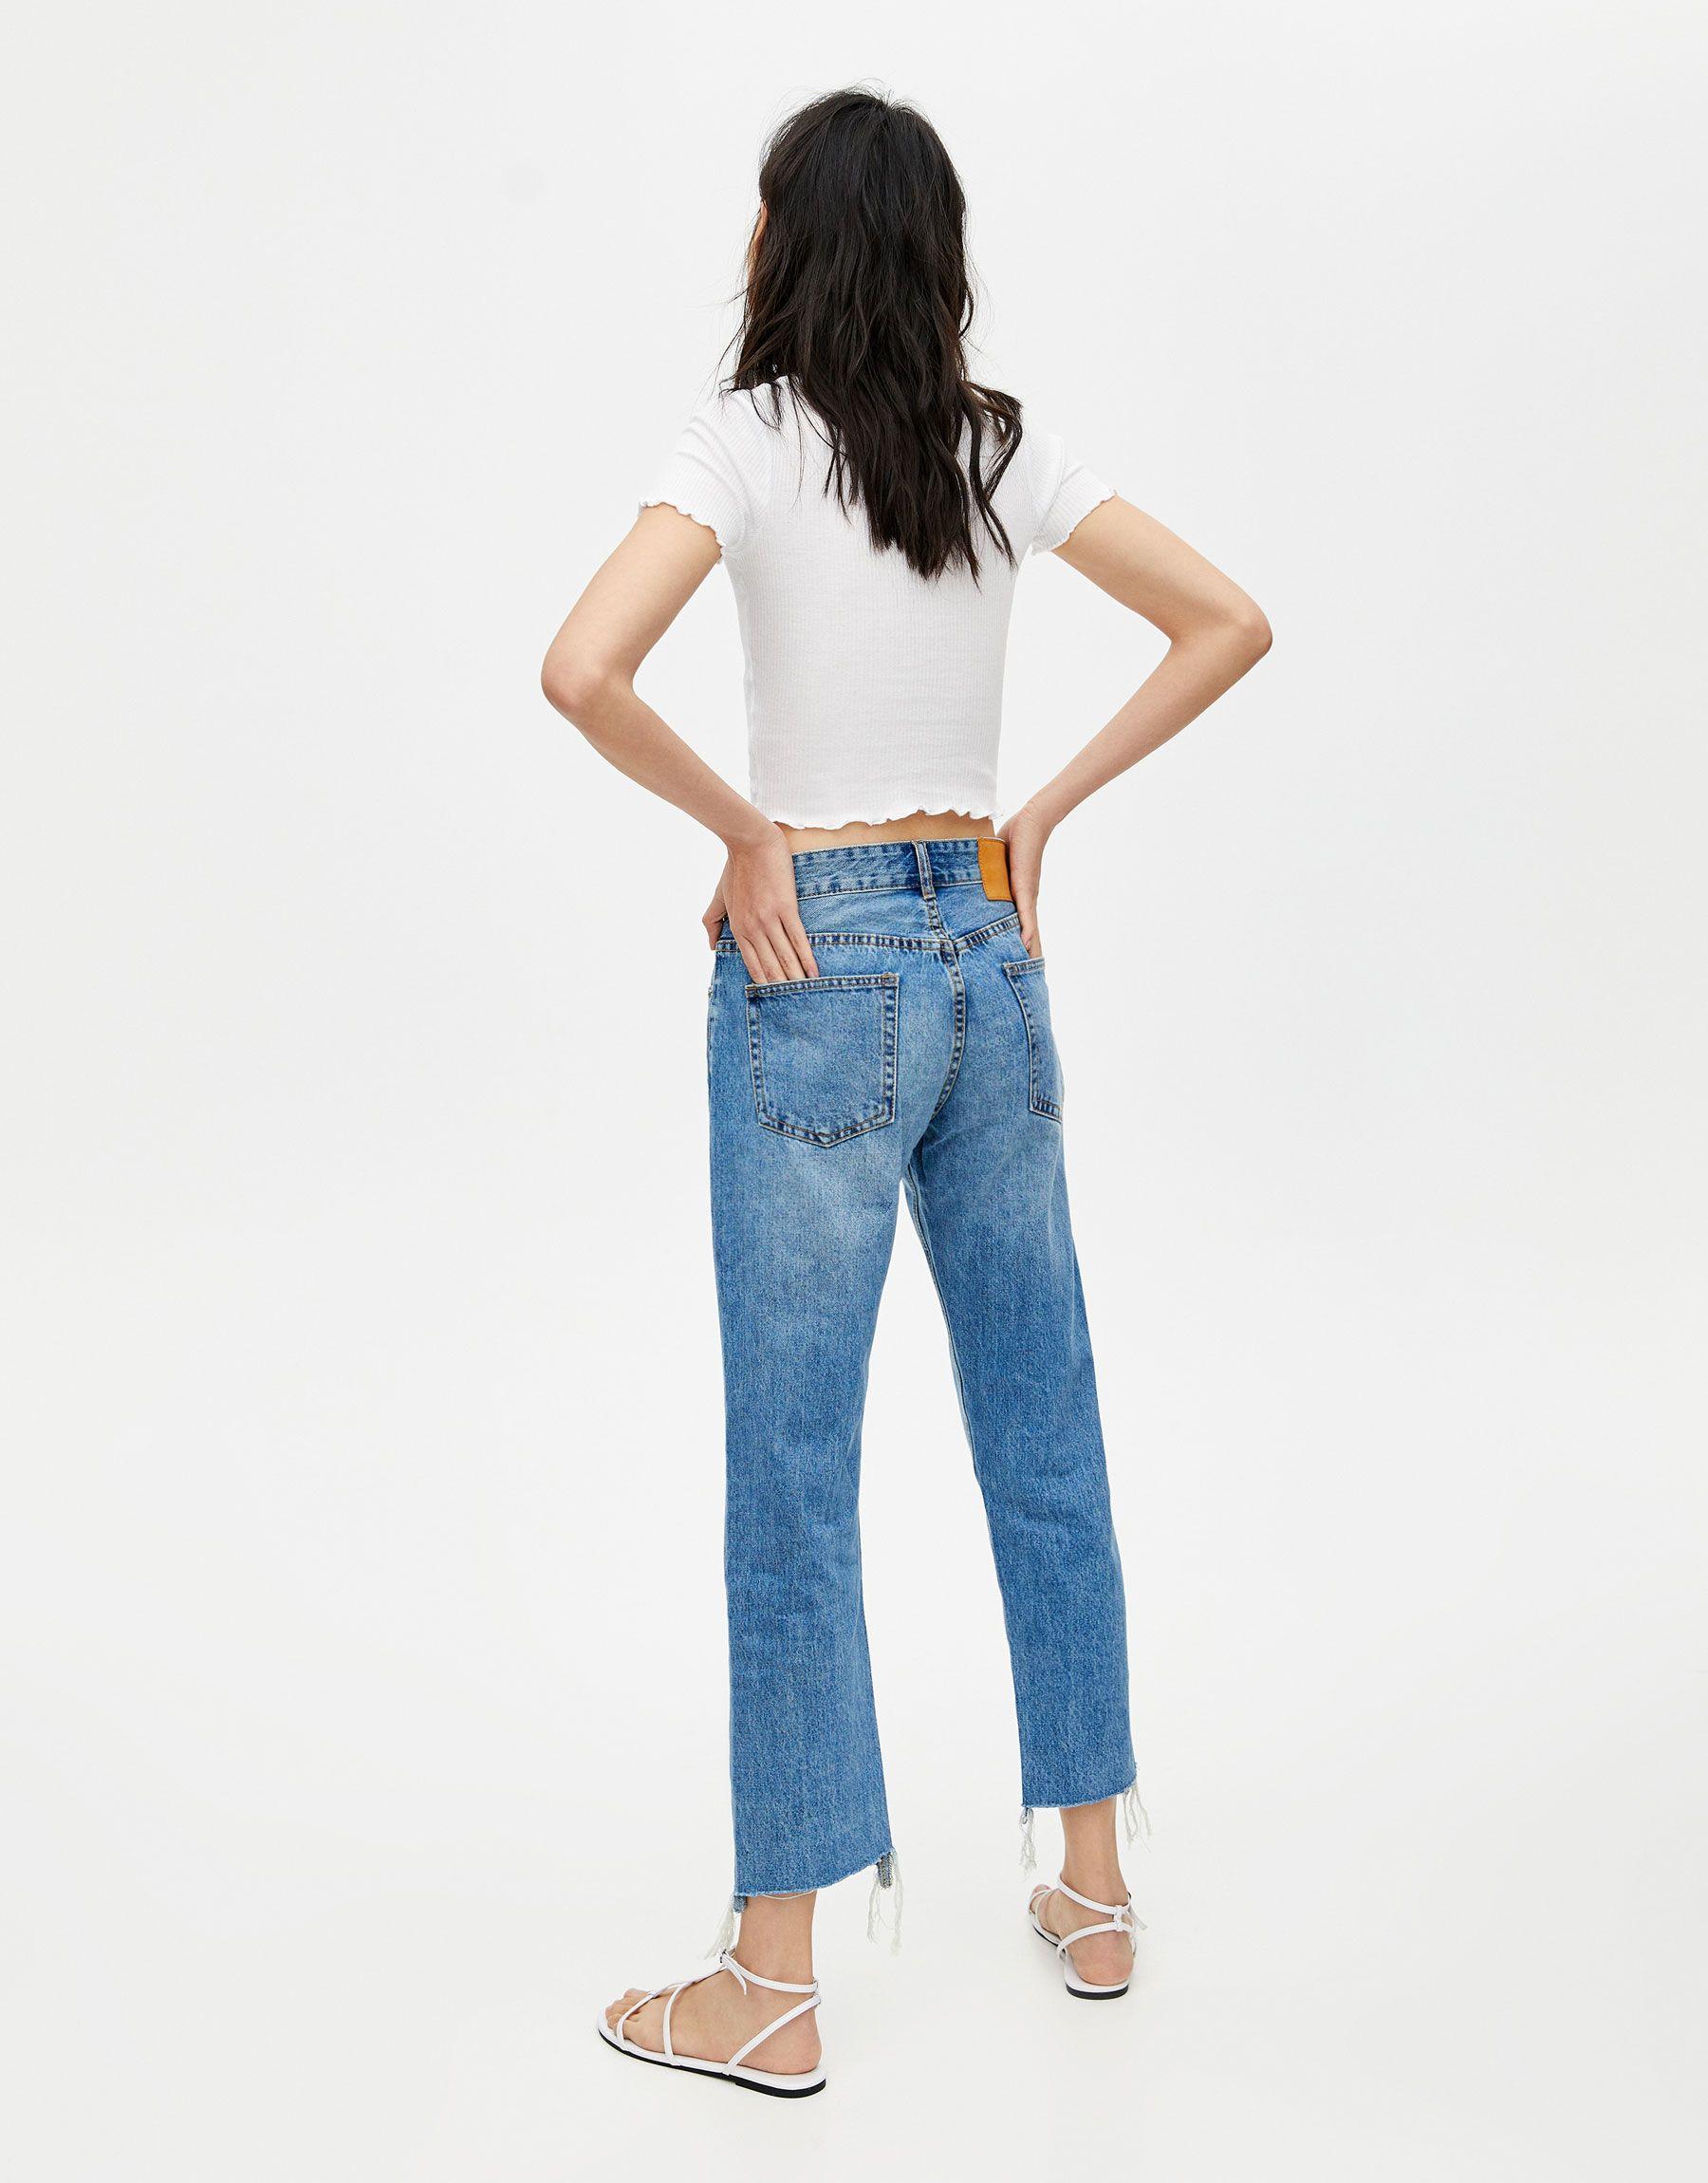 Pull Bear Female Jeans Rectos Rotos Rodilla Azul 42 Jeans Rectos Jeans Jeans Mujer